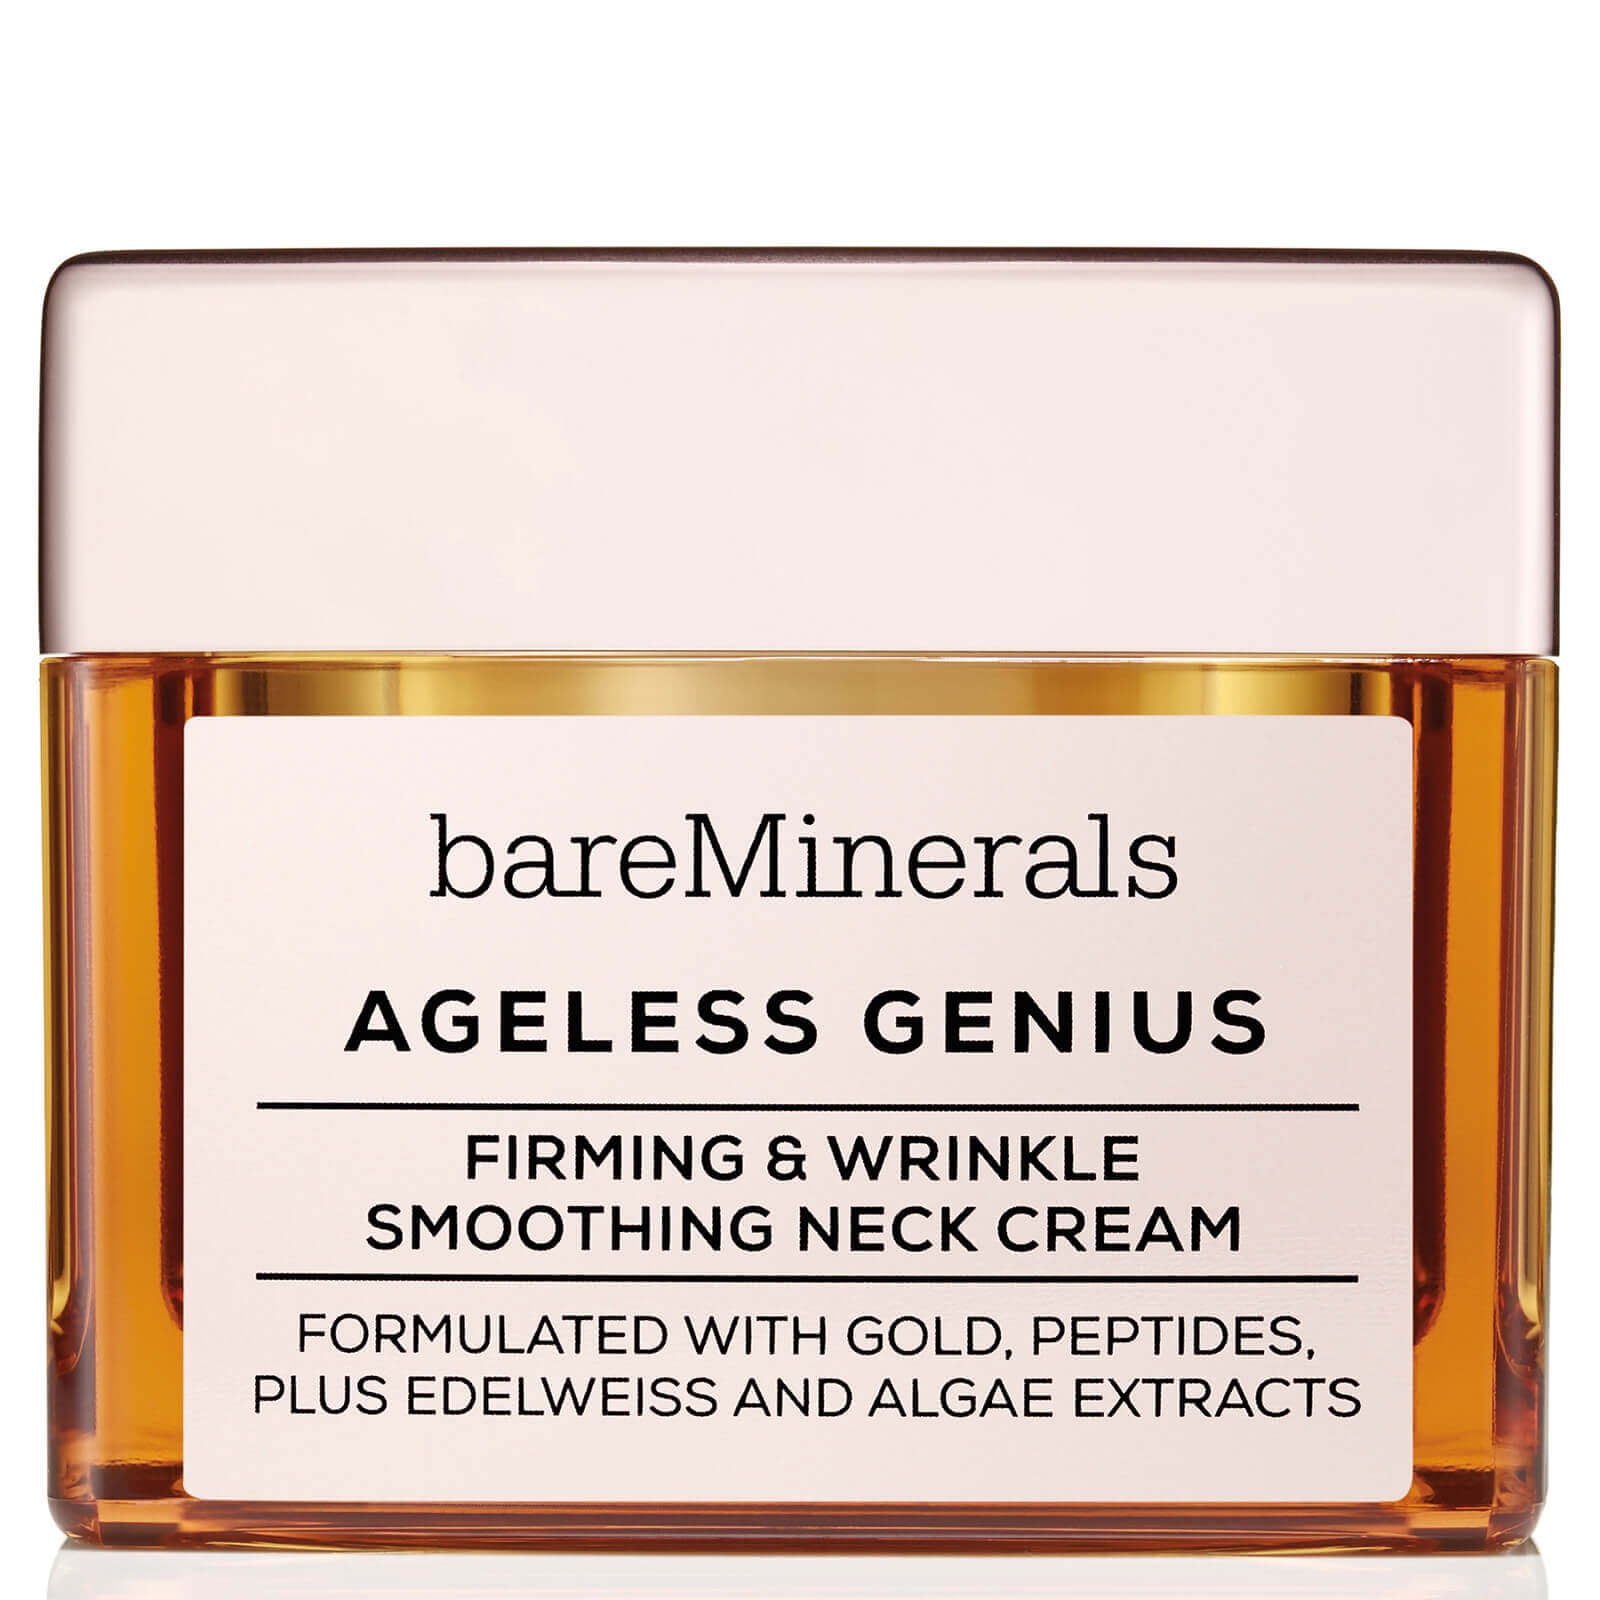 Crema reafirmante y antiarrugas para el cuello Ageless Genius de bareMinerals